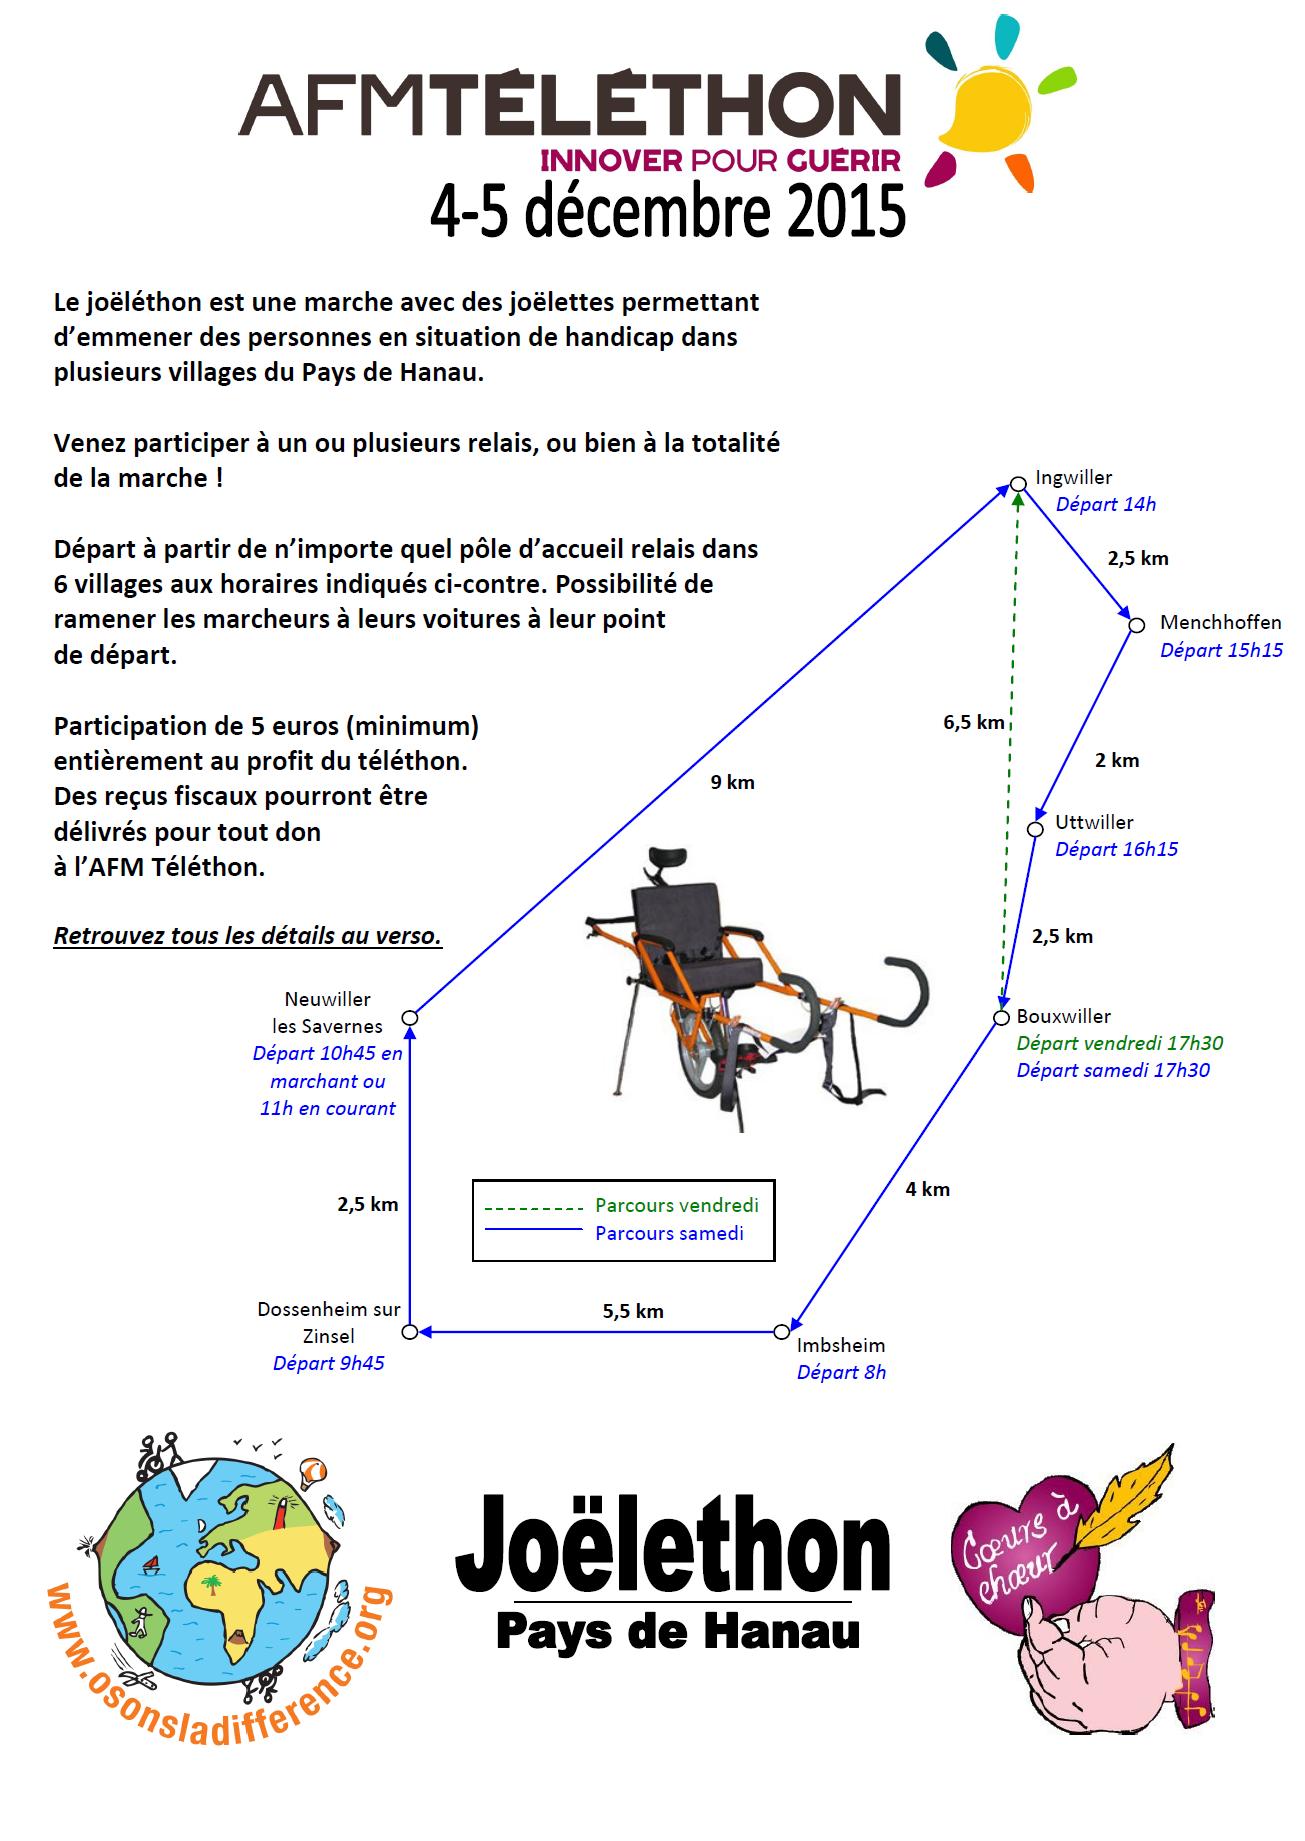 Joelthon